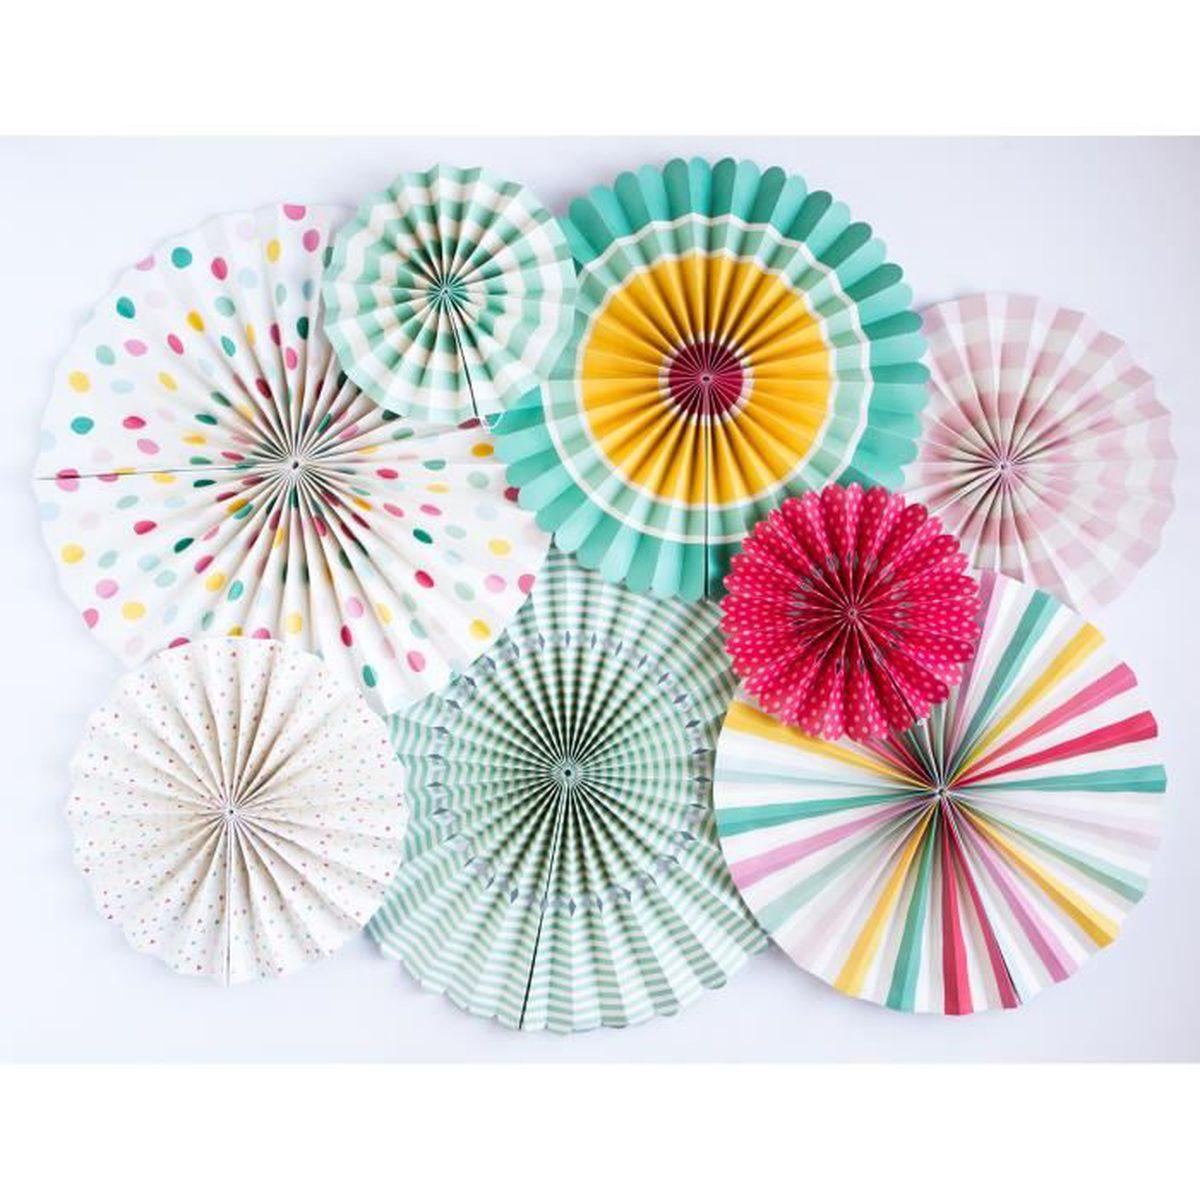 8 pcs fleur de ventilateur d'origami papier guirlande kit pour